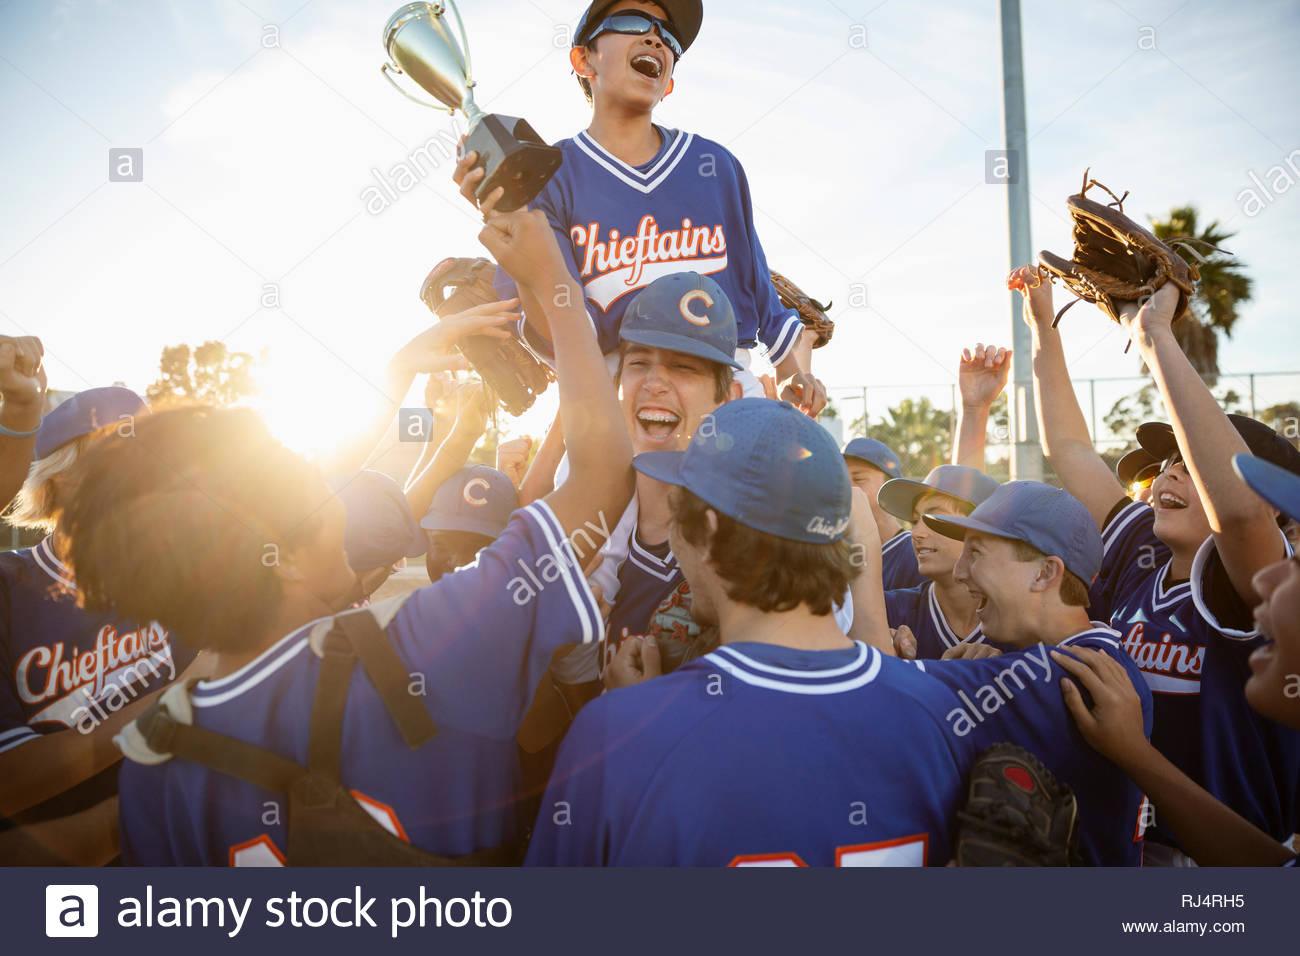 Emozionato squadra di baseball con trofeo celebrando Immagini Stock